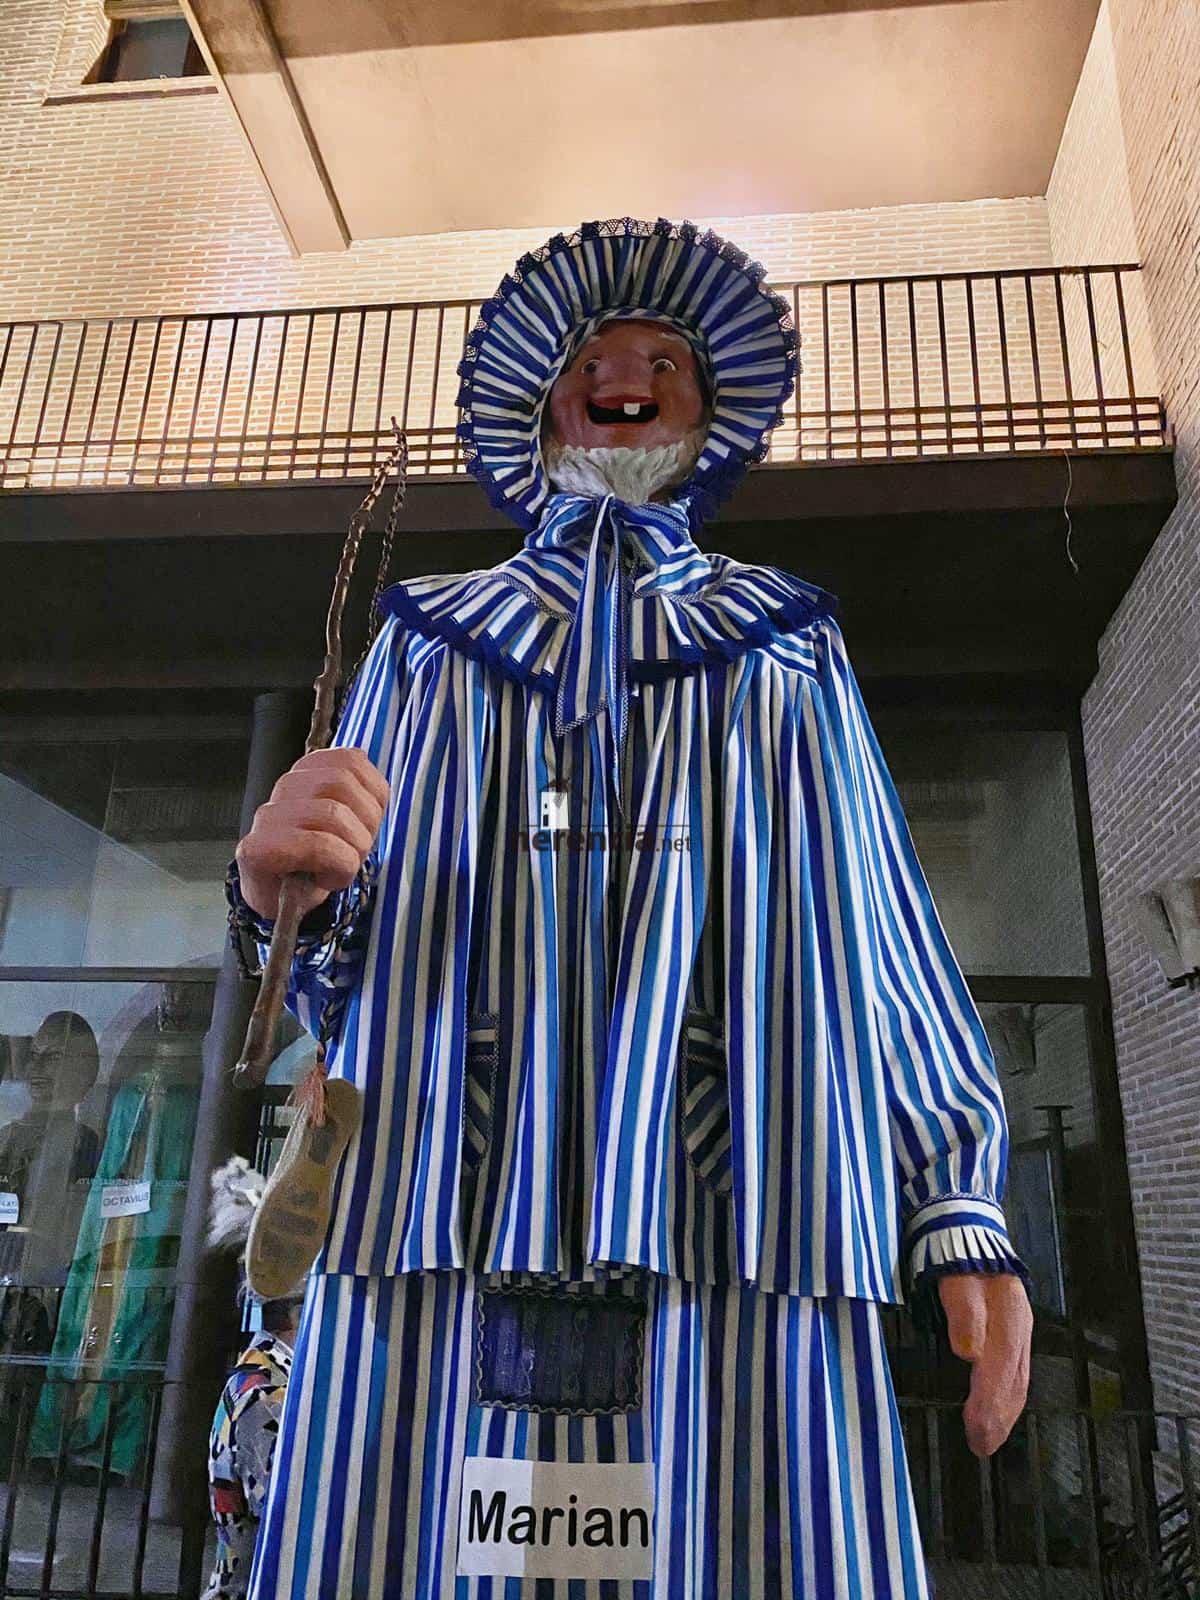 Viernes de Prisillas 2020 del Carnaval en imágenes 81